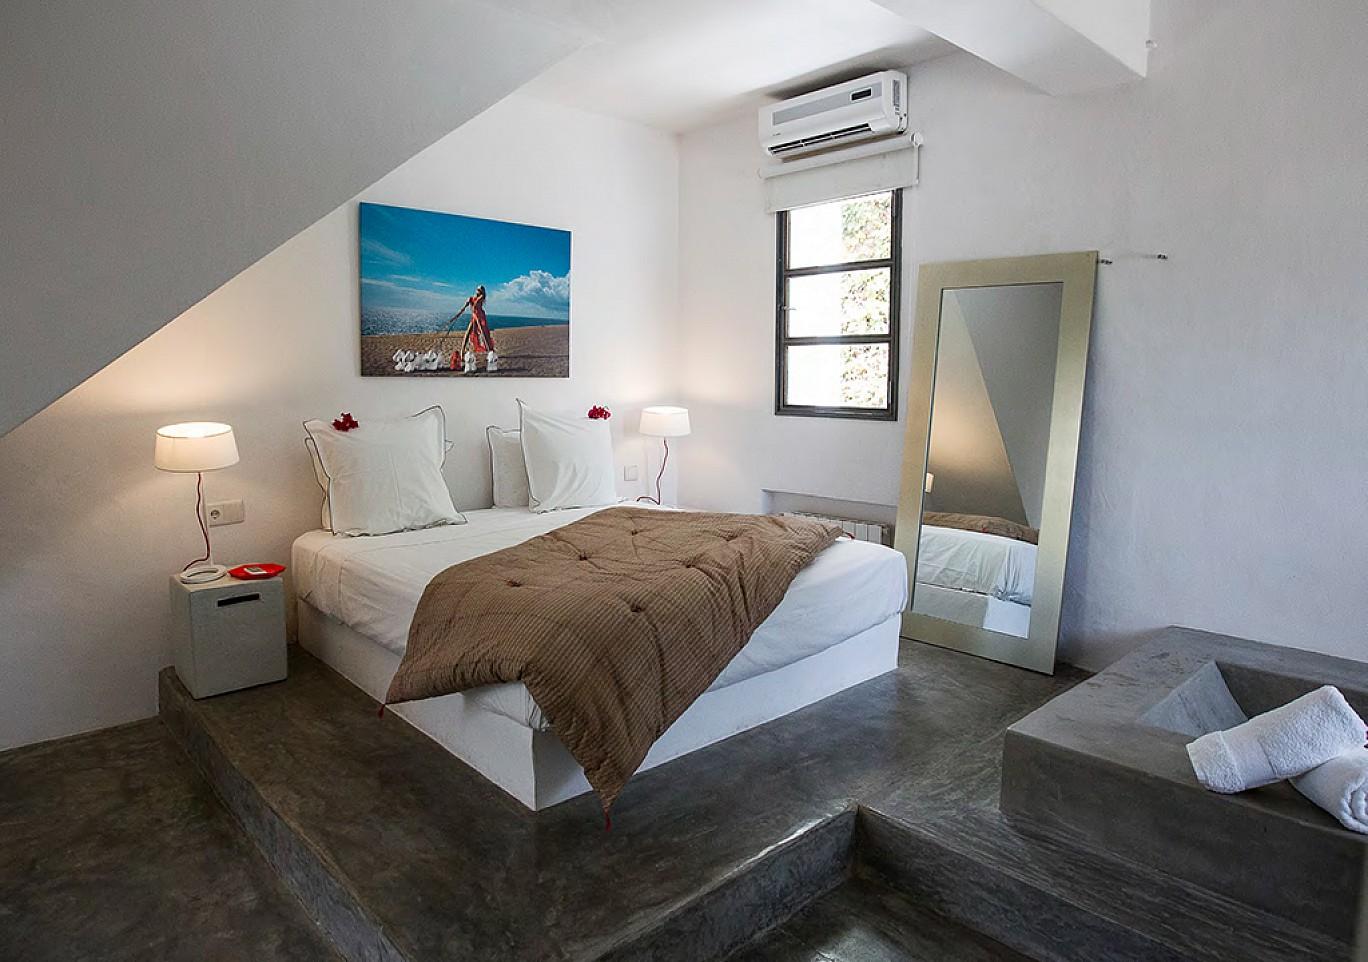 Великолепная спальня виллы в аренду на Ибице